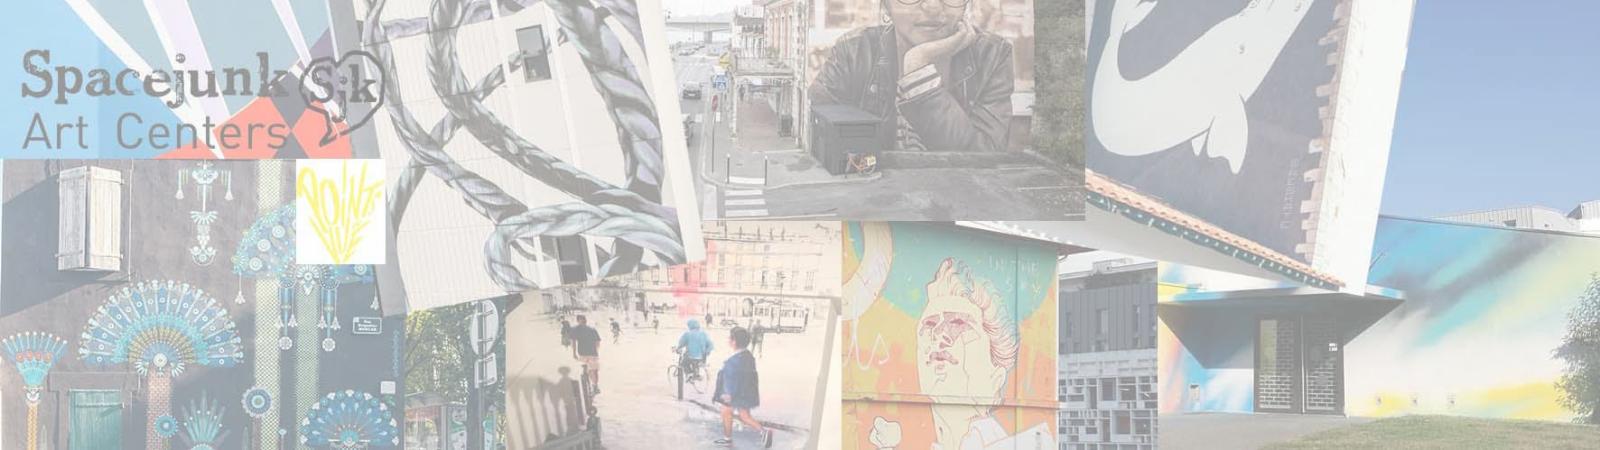 À pieds ou à vélo venez découvrir le street art à Bayonne avec Spacejunk !